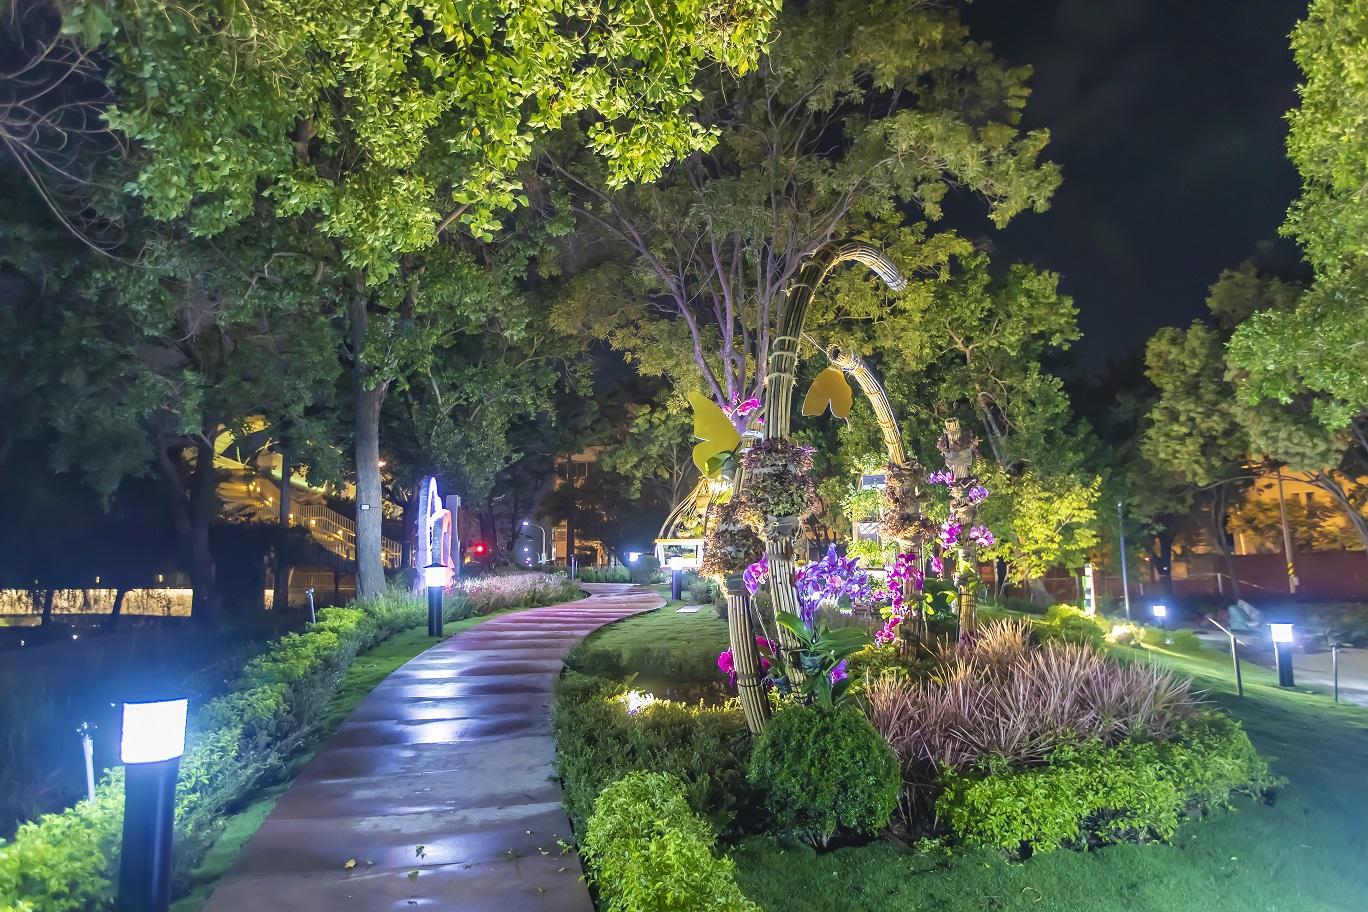 花博甜蜜氛圍 園區熱門約會點見證浪漫愛情